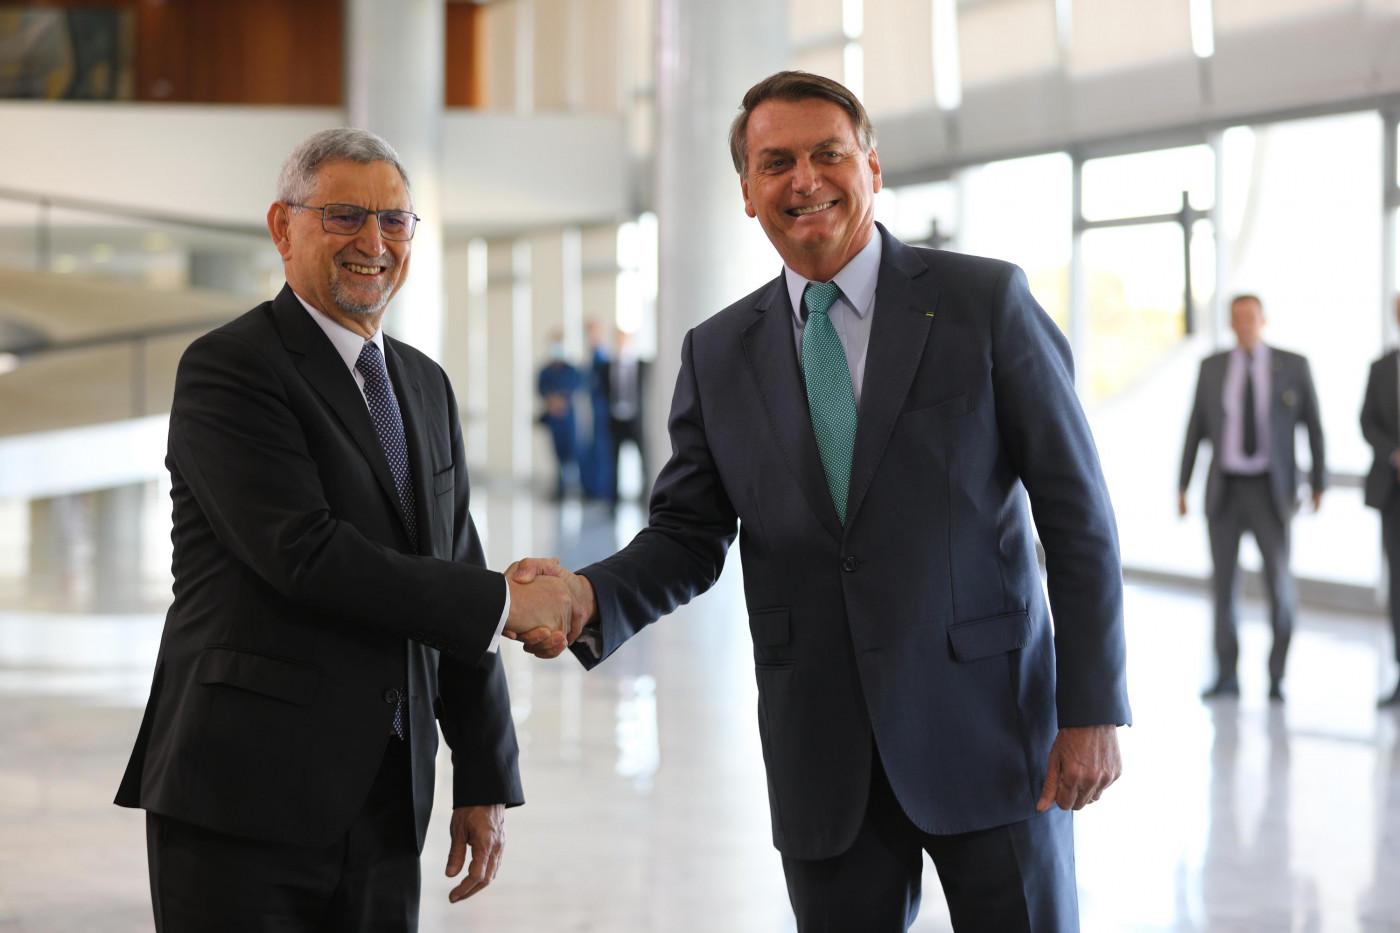 O presidente Jair Bolsonaro, recebe nesta sexta-feira (30), o presidente da República de Cabo Verde, Jorge Carlos de Almeida Fonseca